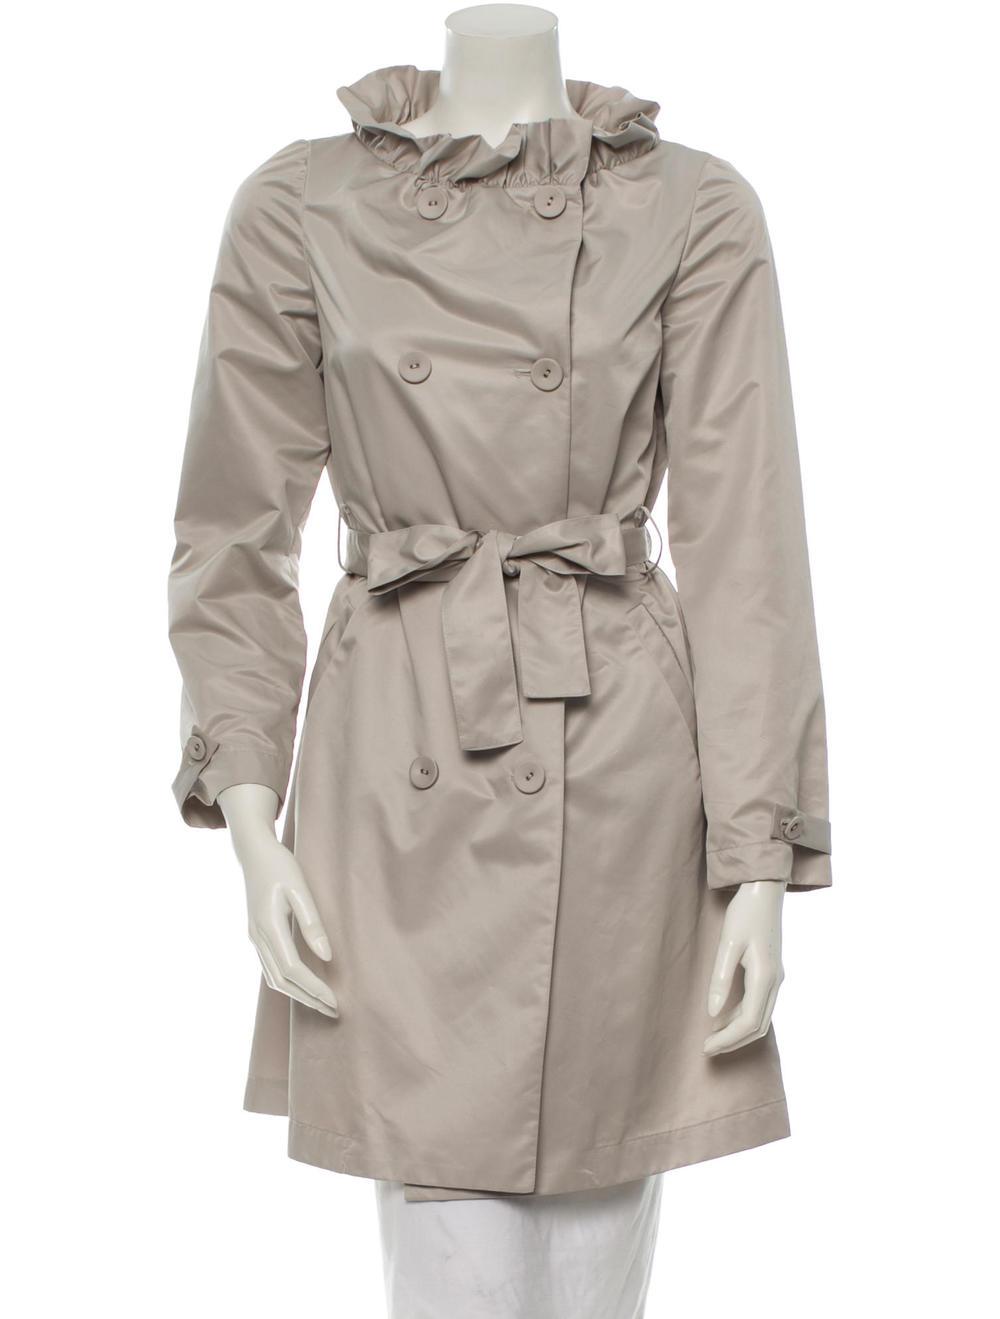 Loeffler Randall Trench Coat.jpg